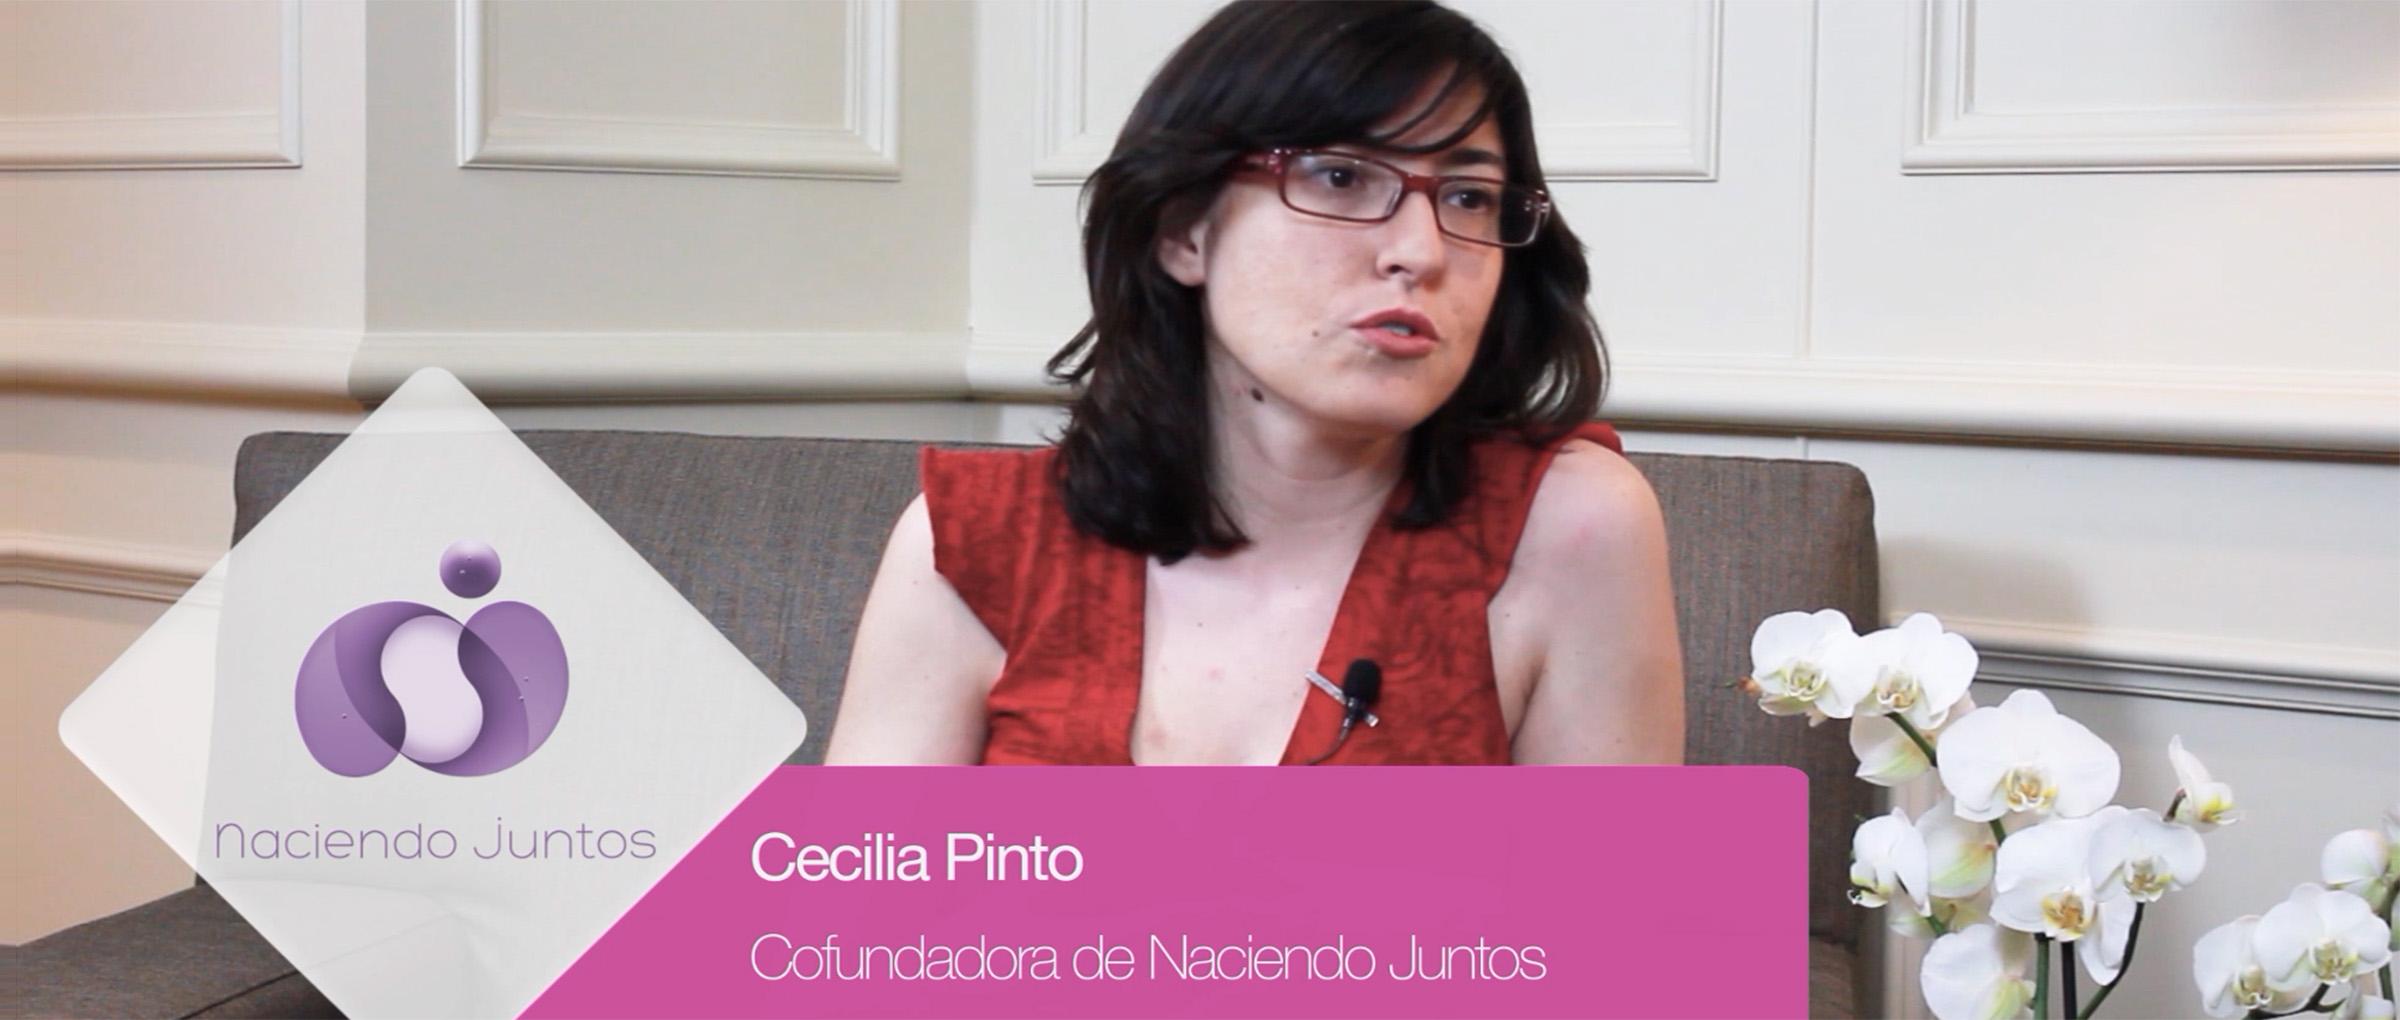 Entrevista a Cecilia Pinto